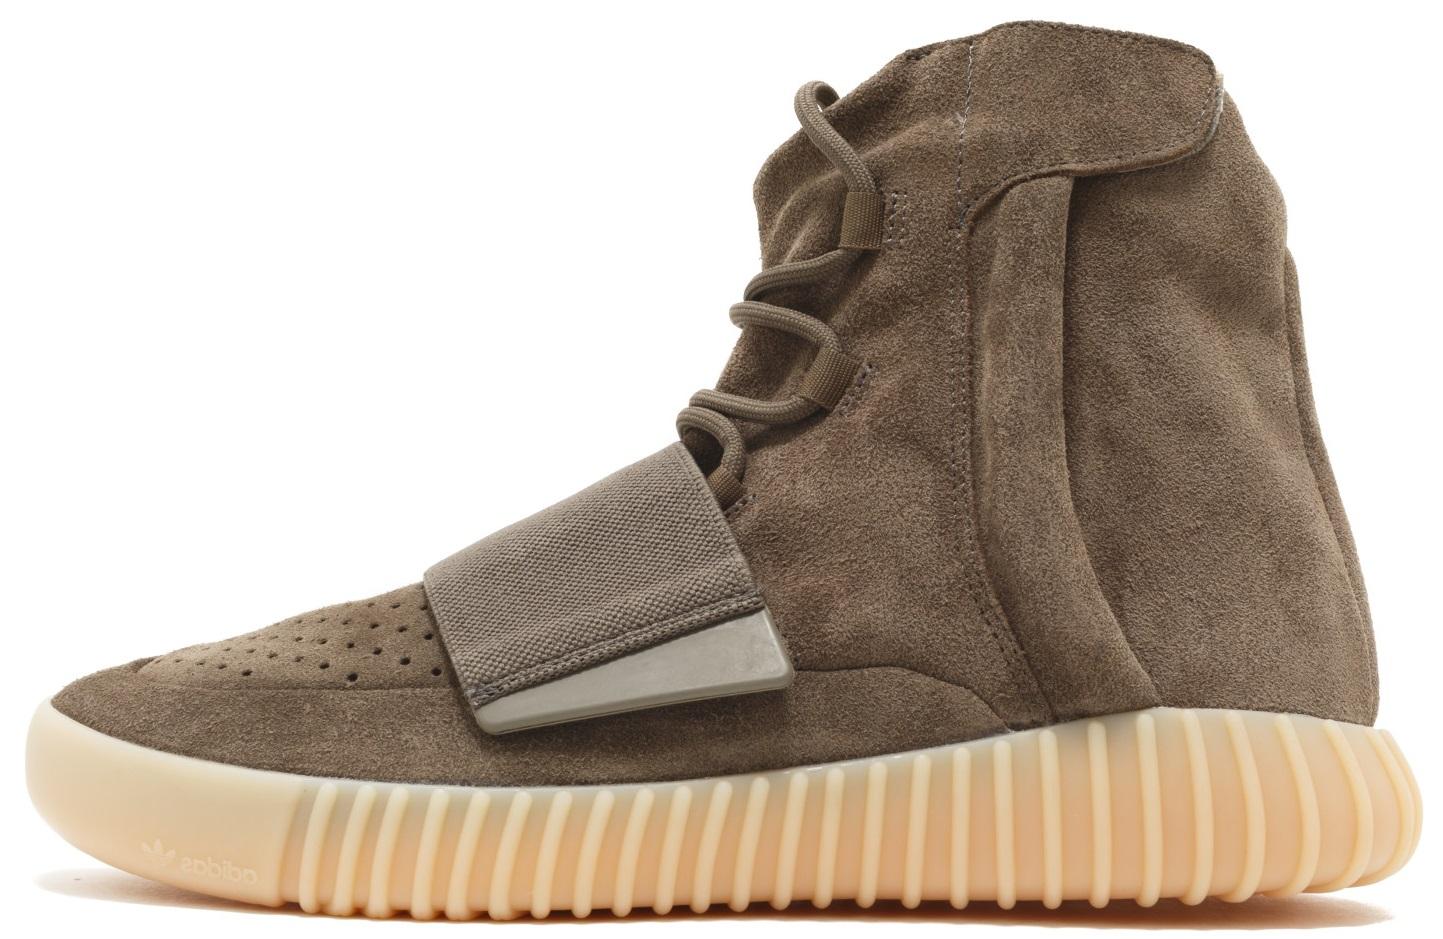 adidas Yeezy Boost 750 Brown купить в Украине и Киеве 24dfe8161b6